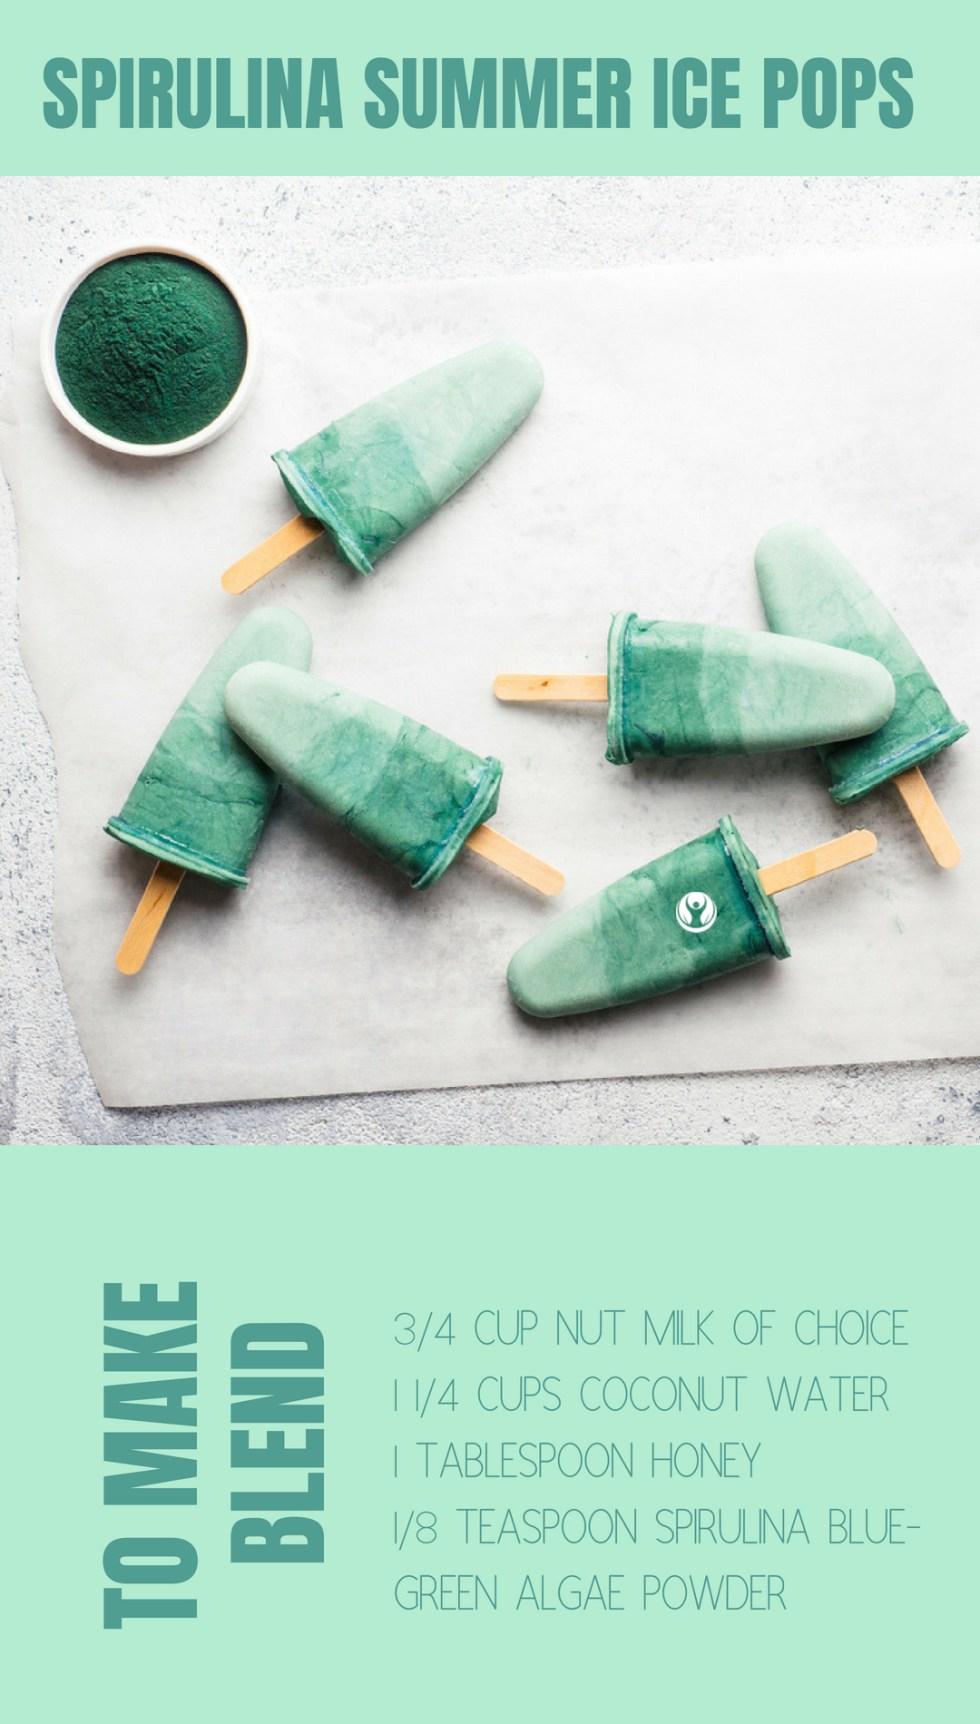 spirulina ice pops